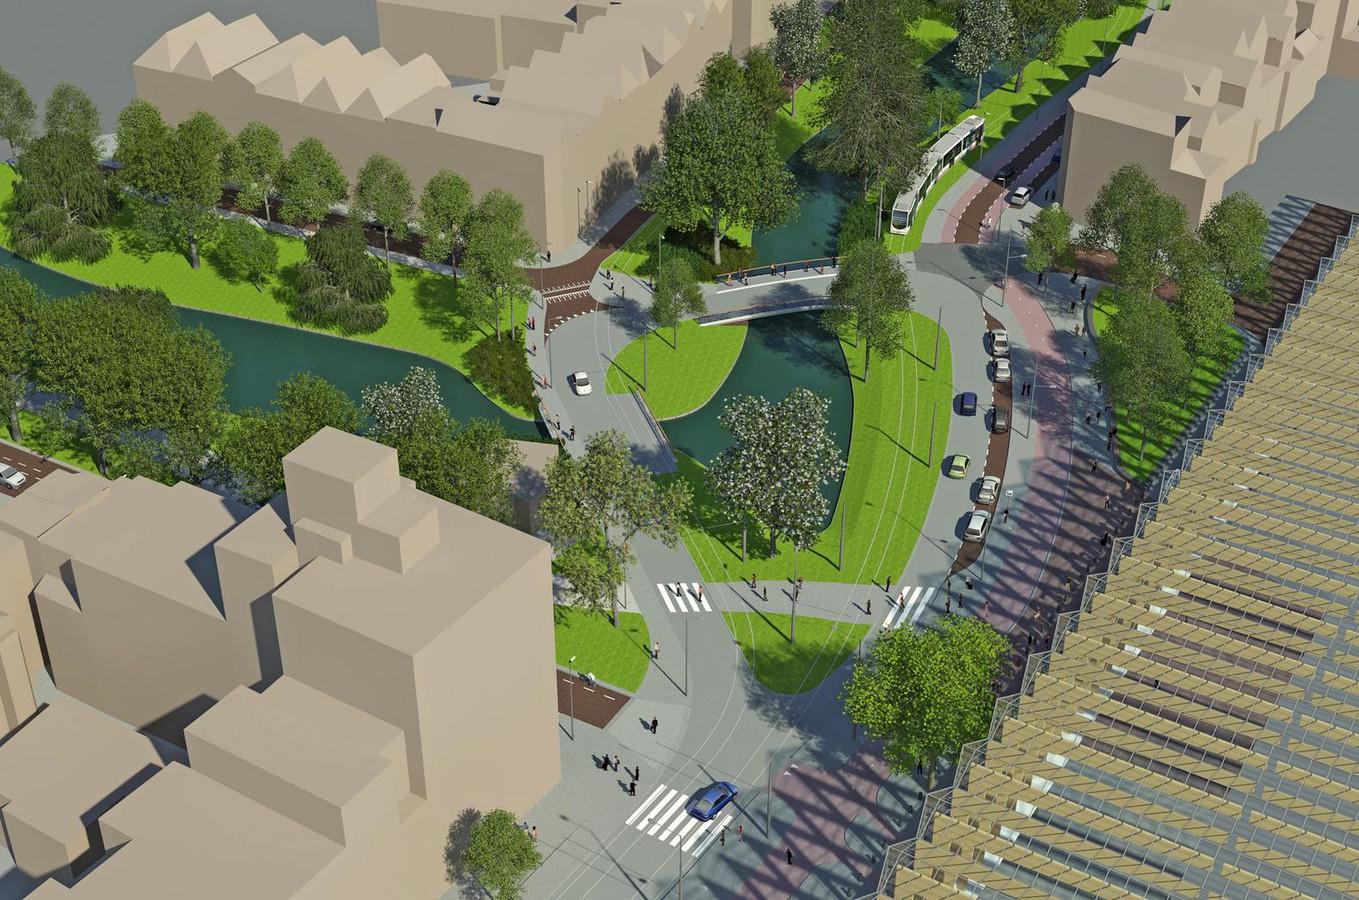 Stad knoopt singels aan elkaar op proveniersplein foto - Groen behang van het water ...